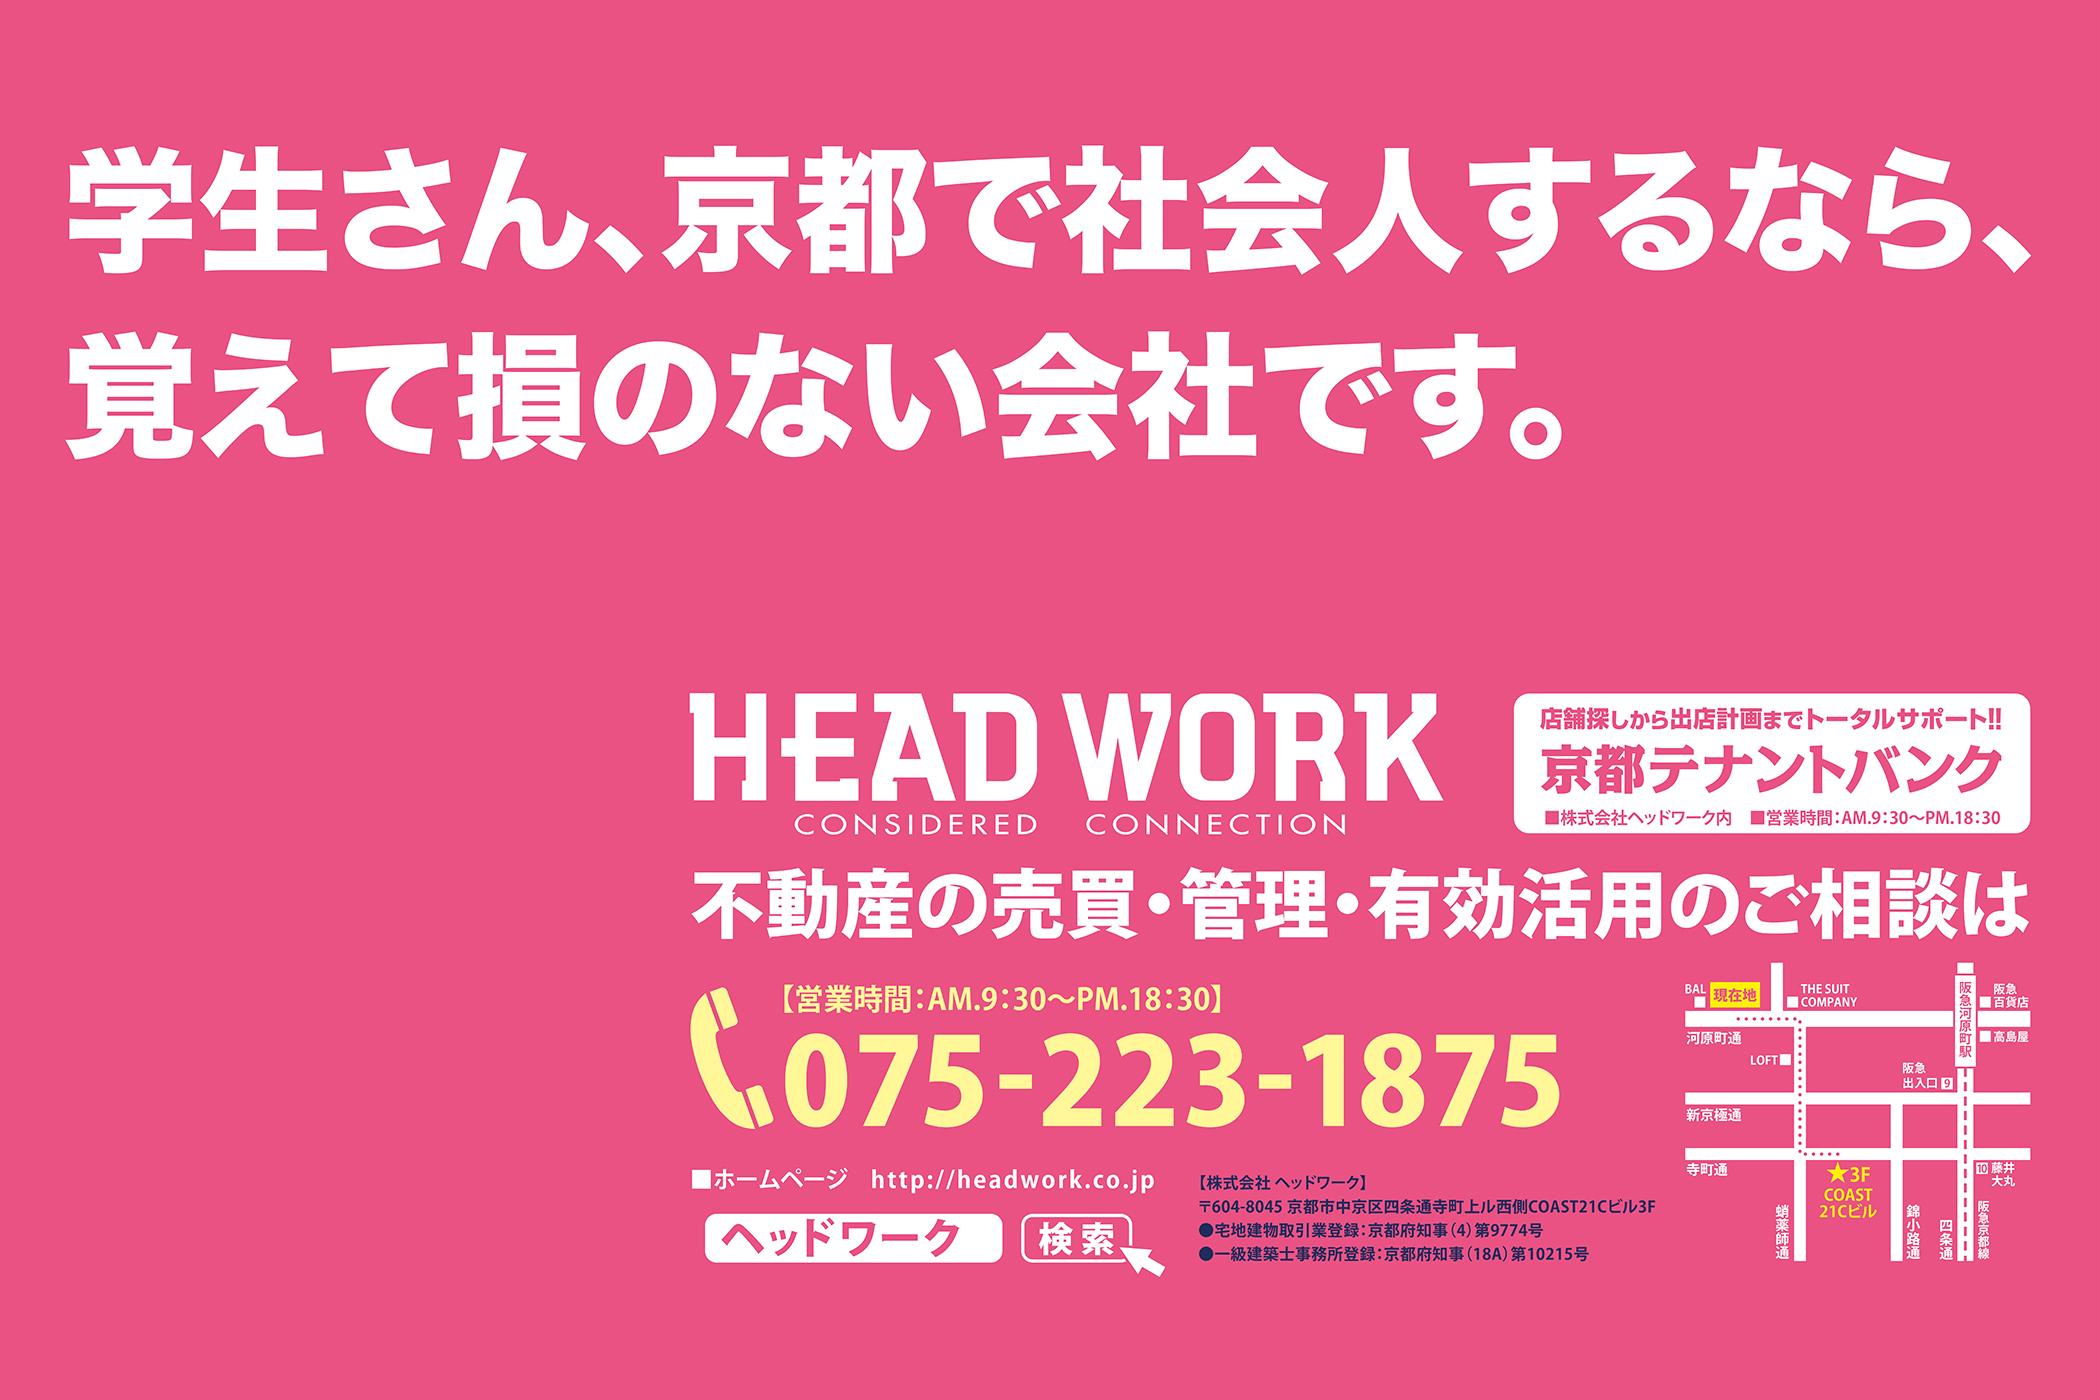 学生さん、京都で社会人するなら覚えて損のない会社です。